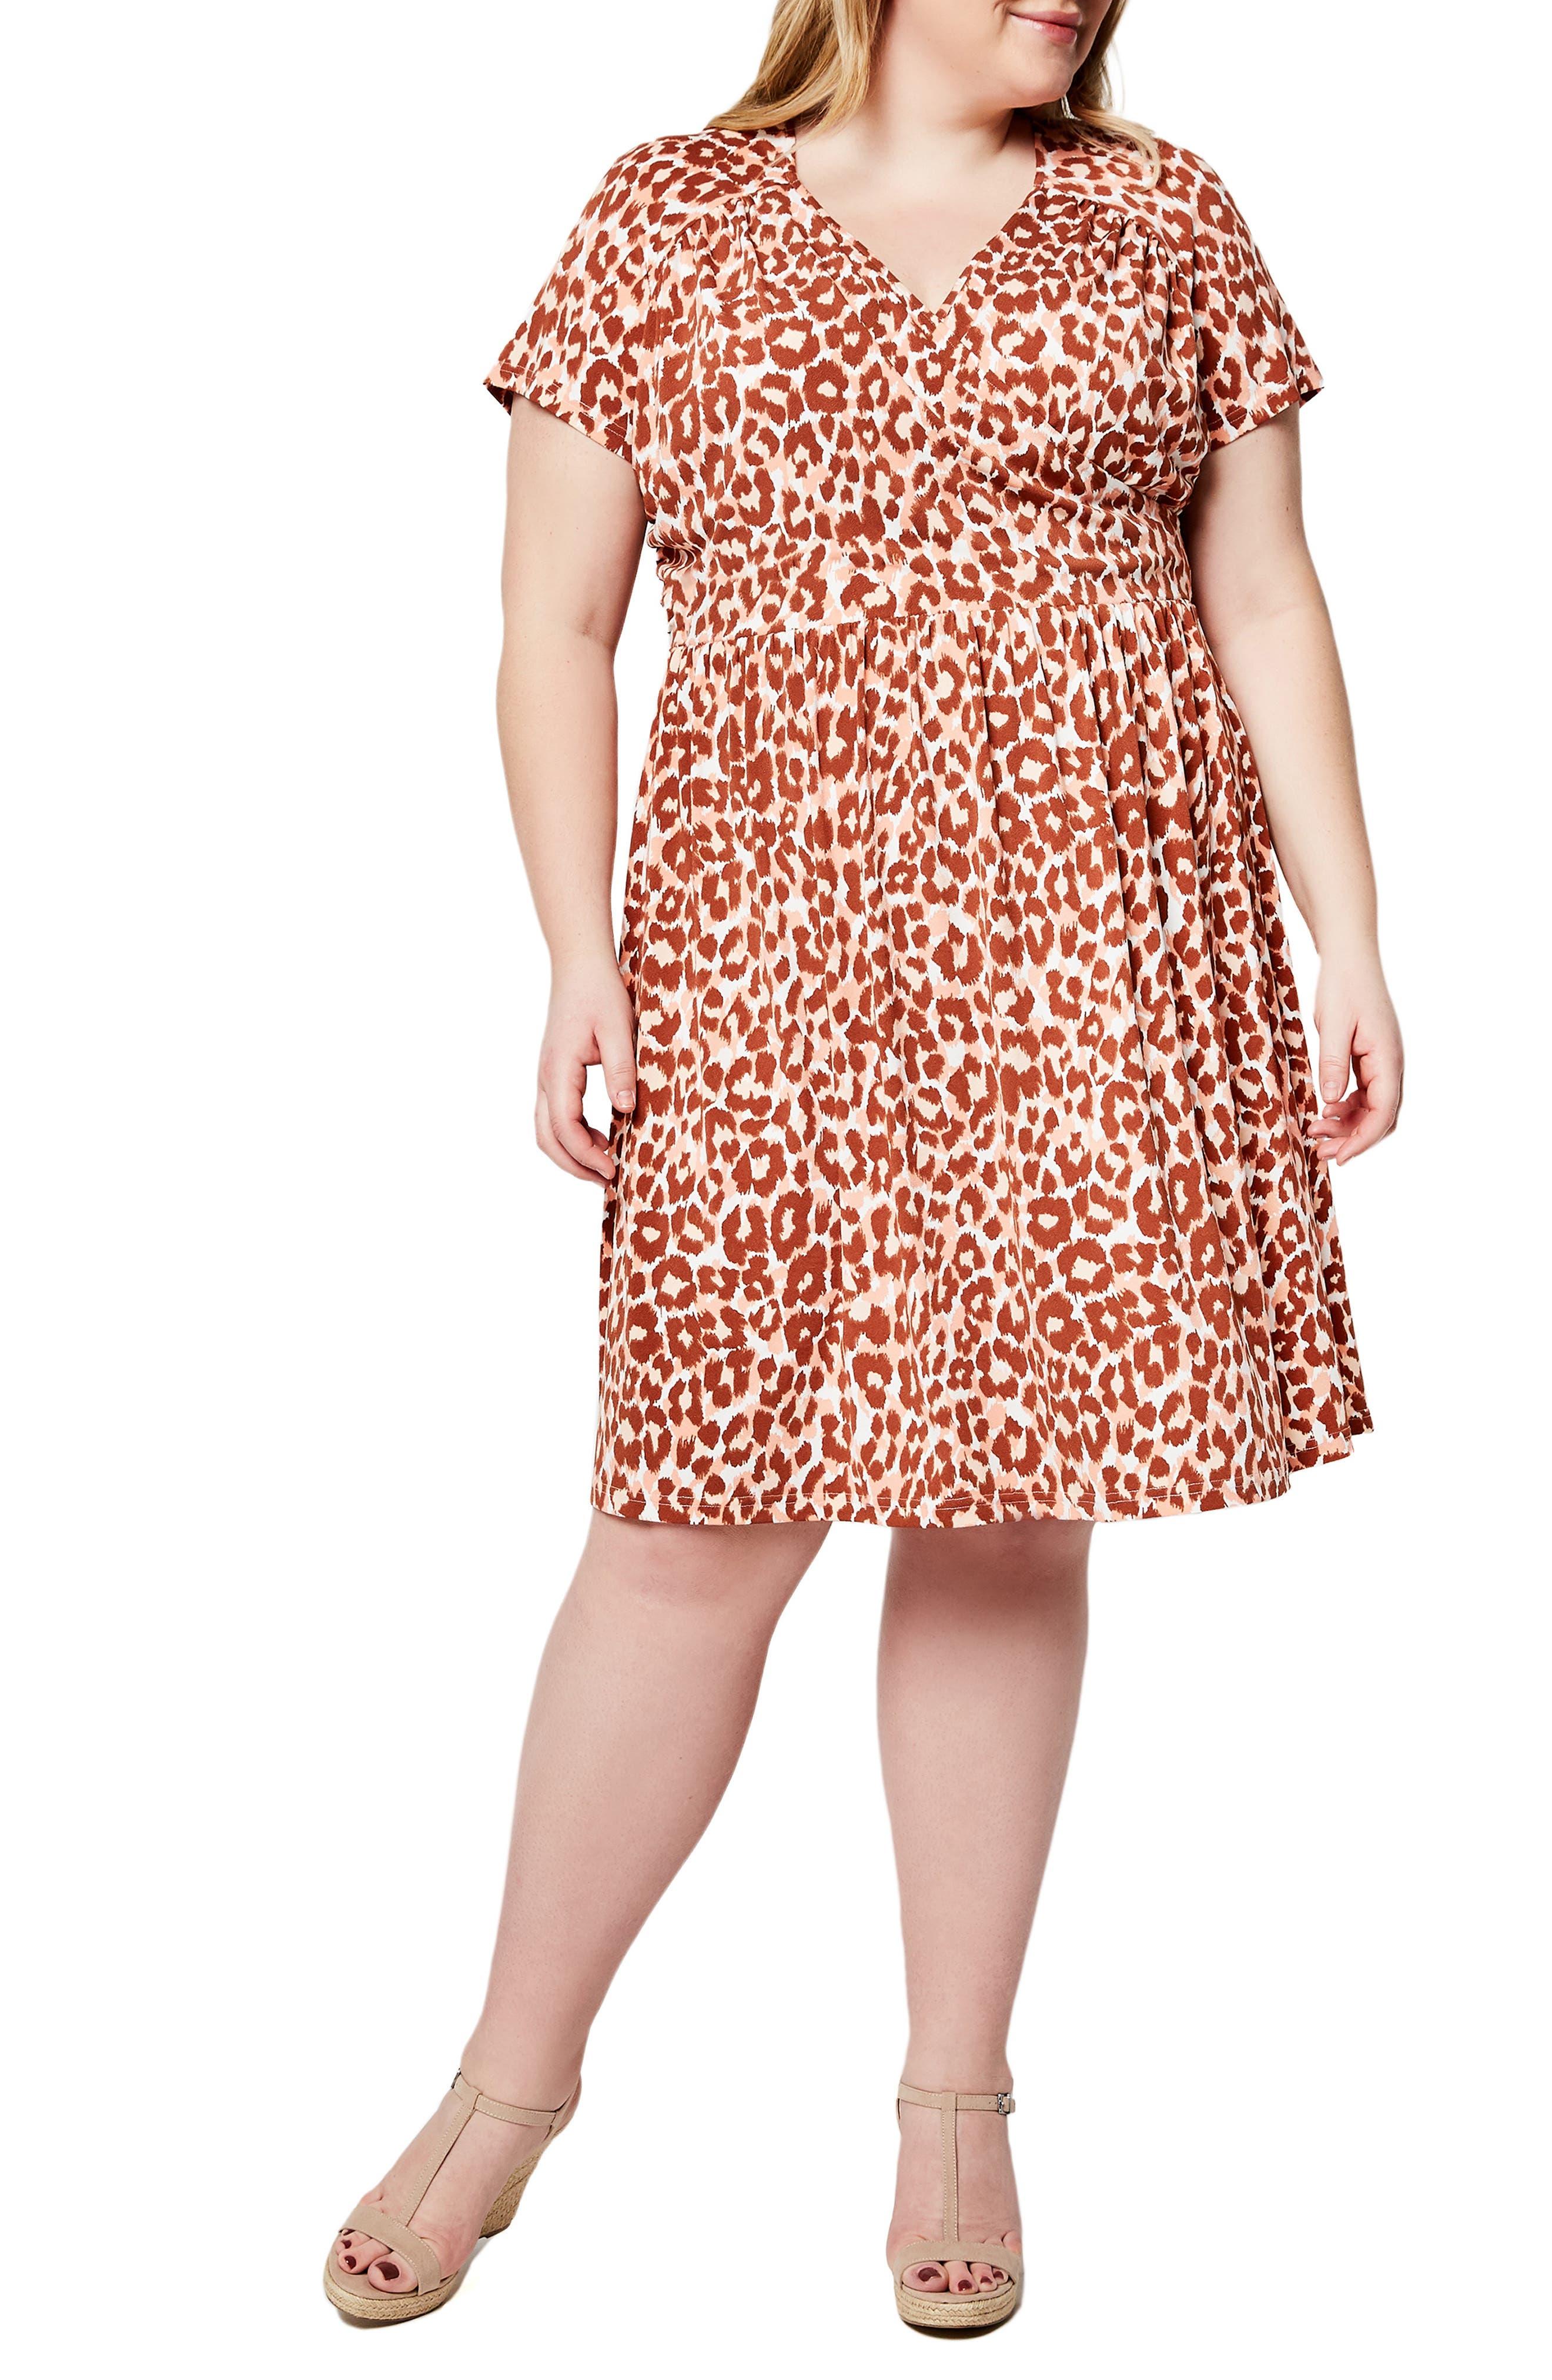 Leopard Dress Animal Print Dress Cheetah Print Dress Plus Size Dress Teen Dress T Shirt Dress Womens Dress